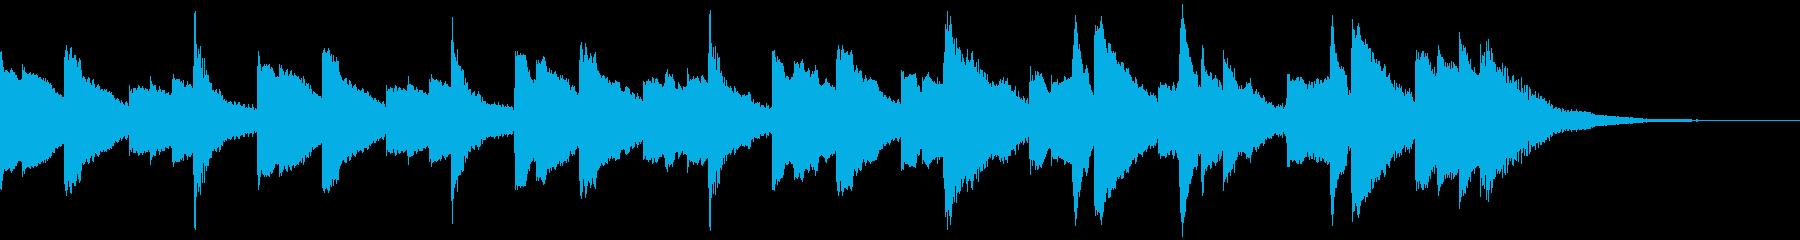 ファンタジーの冒頭 ケルトなハープの再生済みの波形